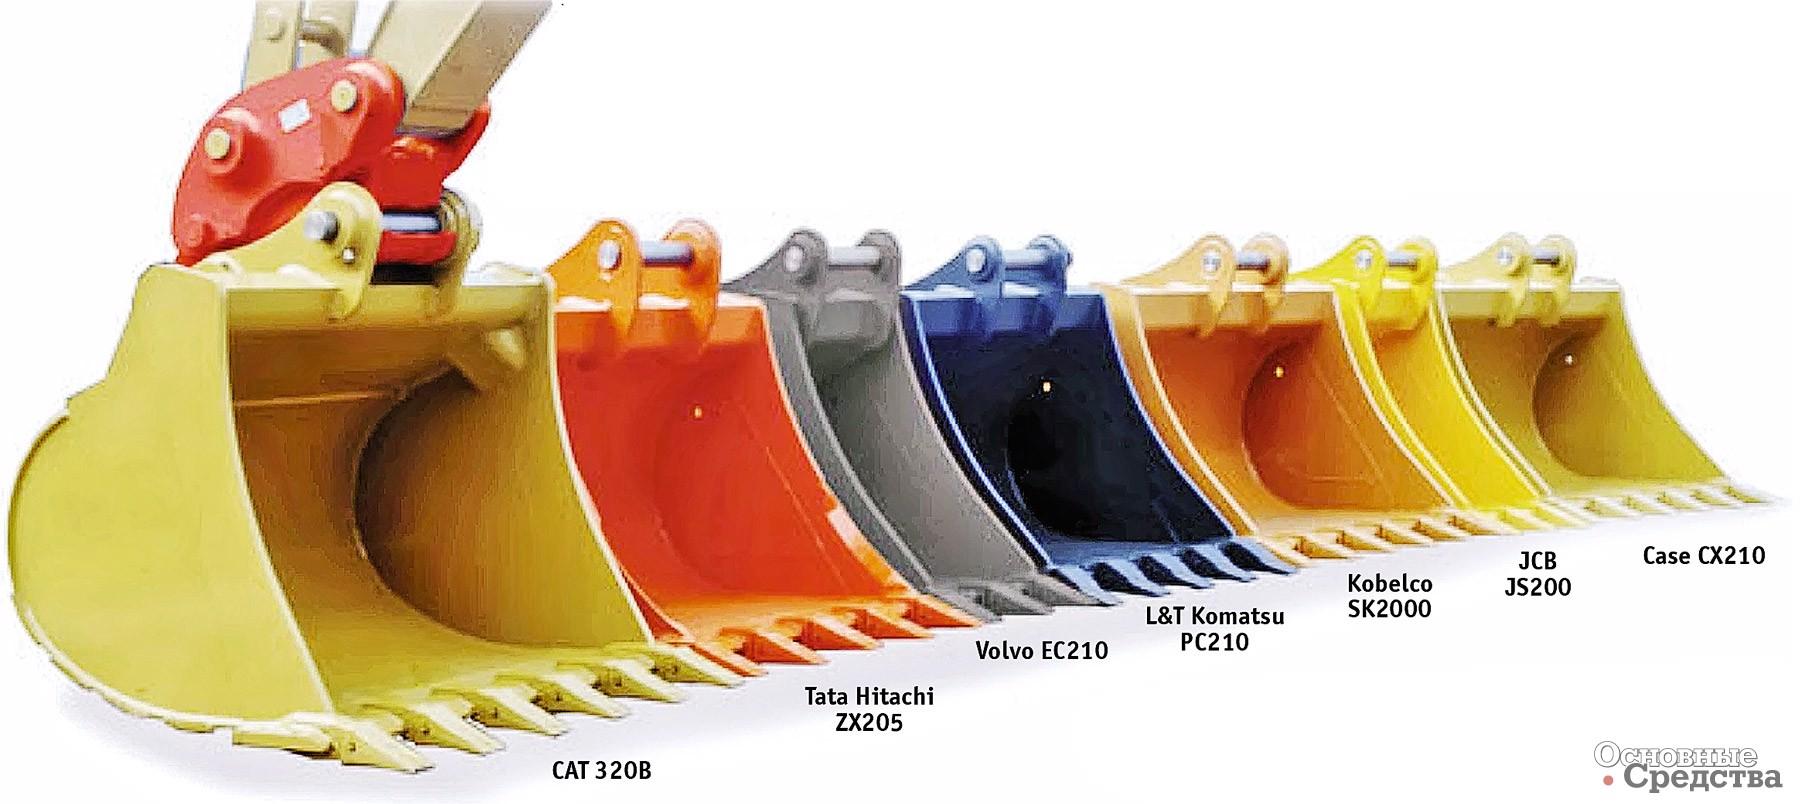 Одно соединительное приспособление Miller Quick Coupler можно использовать в работе с оборудованием различных производителей